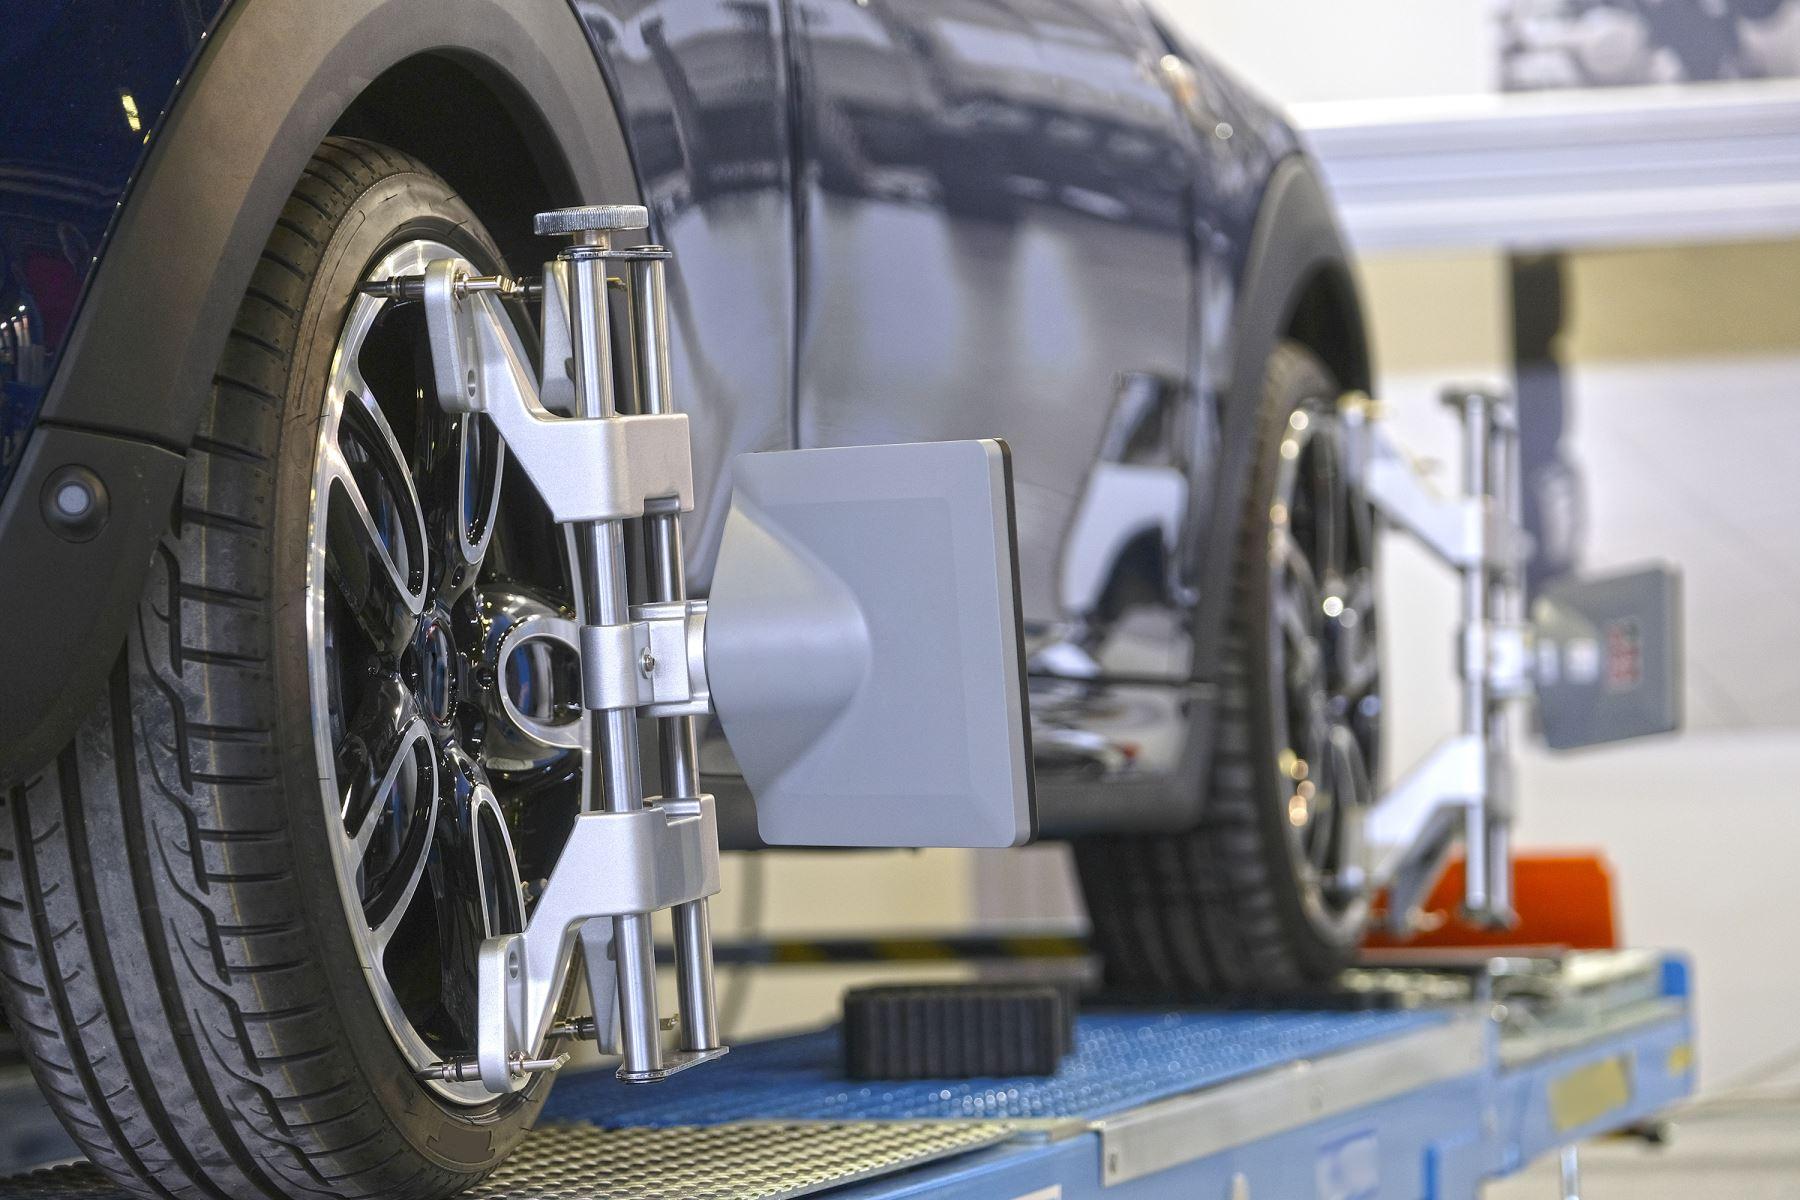 Brisbane Best Wheel Alignment | Northside Bull Bars | Northside Lift Kit | Northside Wheel & Tyre | Tyre Shops Near Me | NORTHSIDE #1